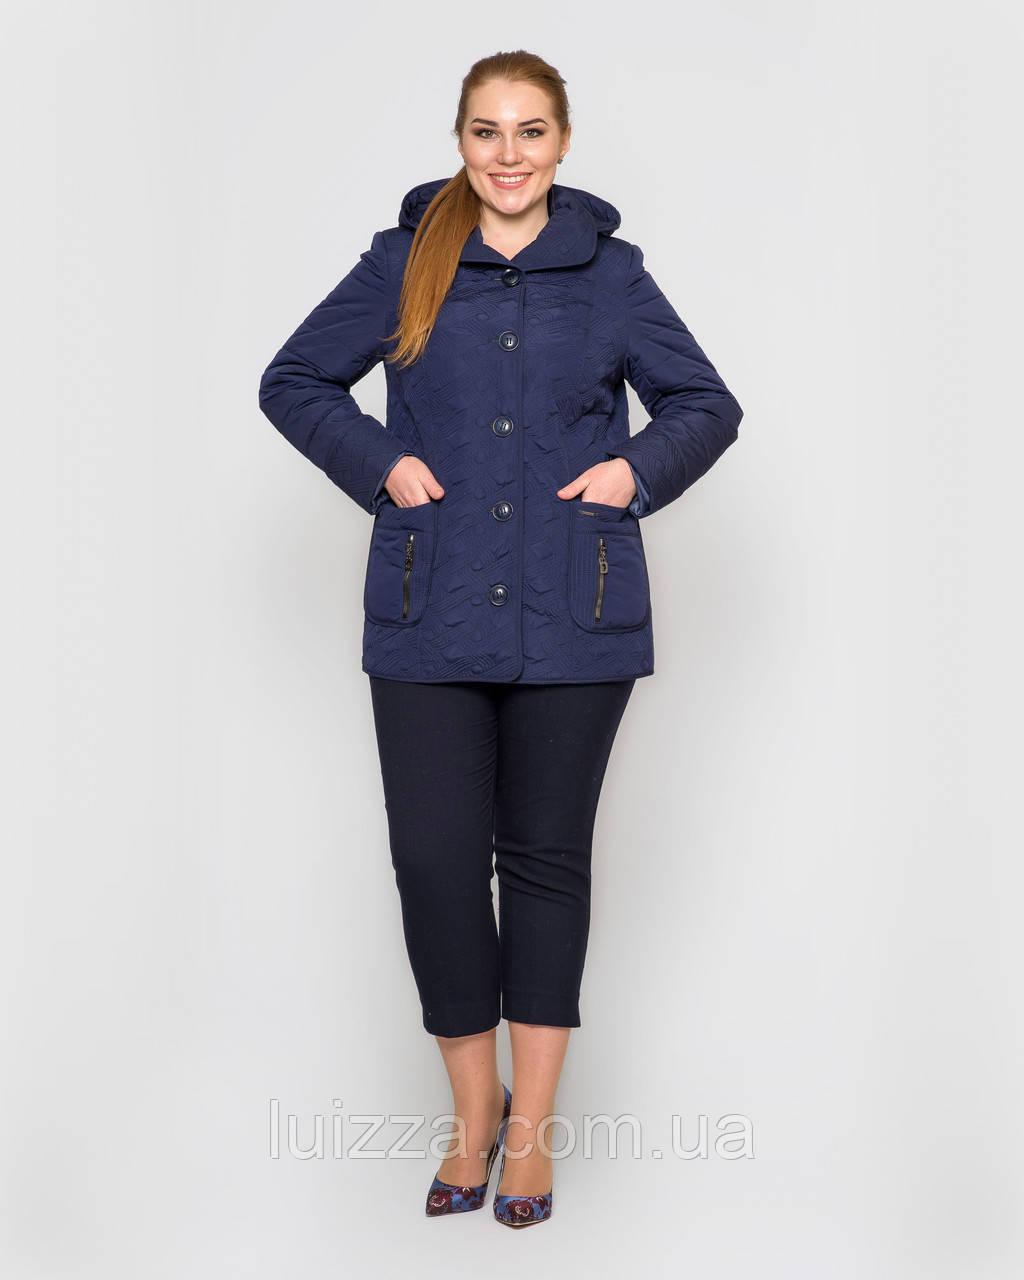 Женская куртка, стеганная узором 50-62рр синяя 60